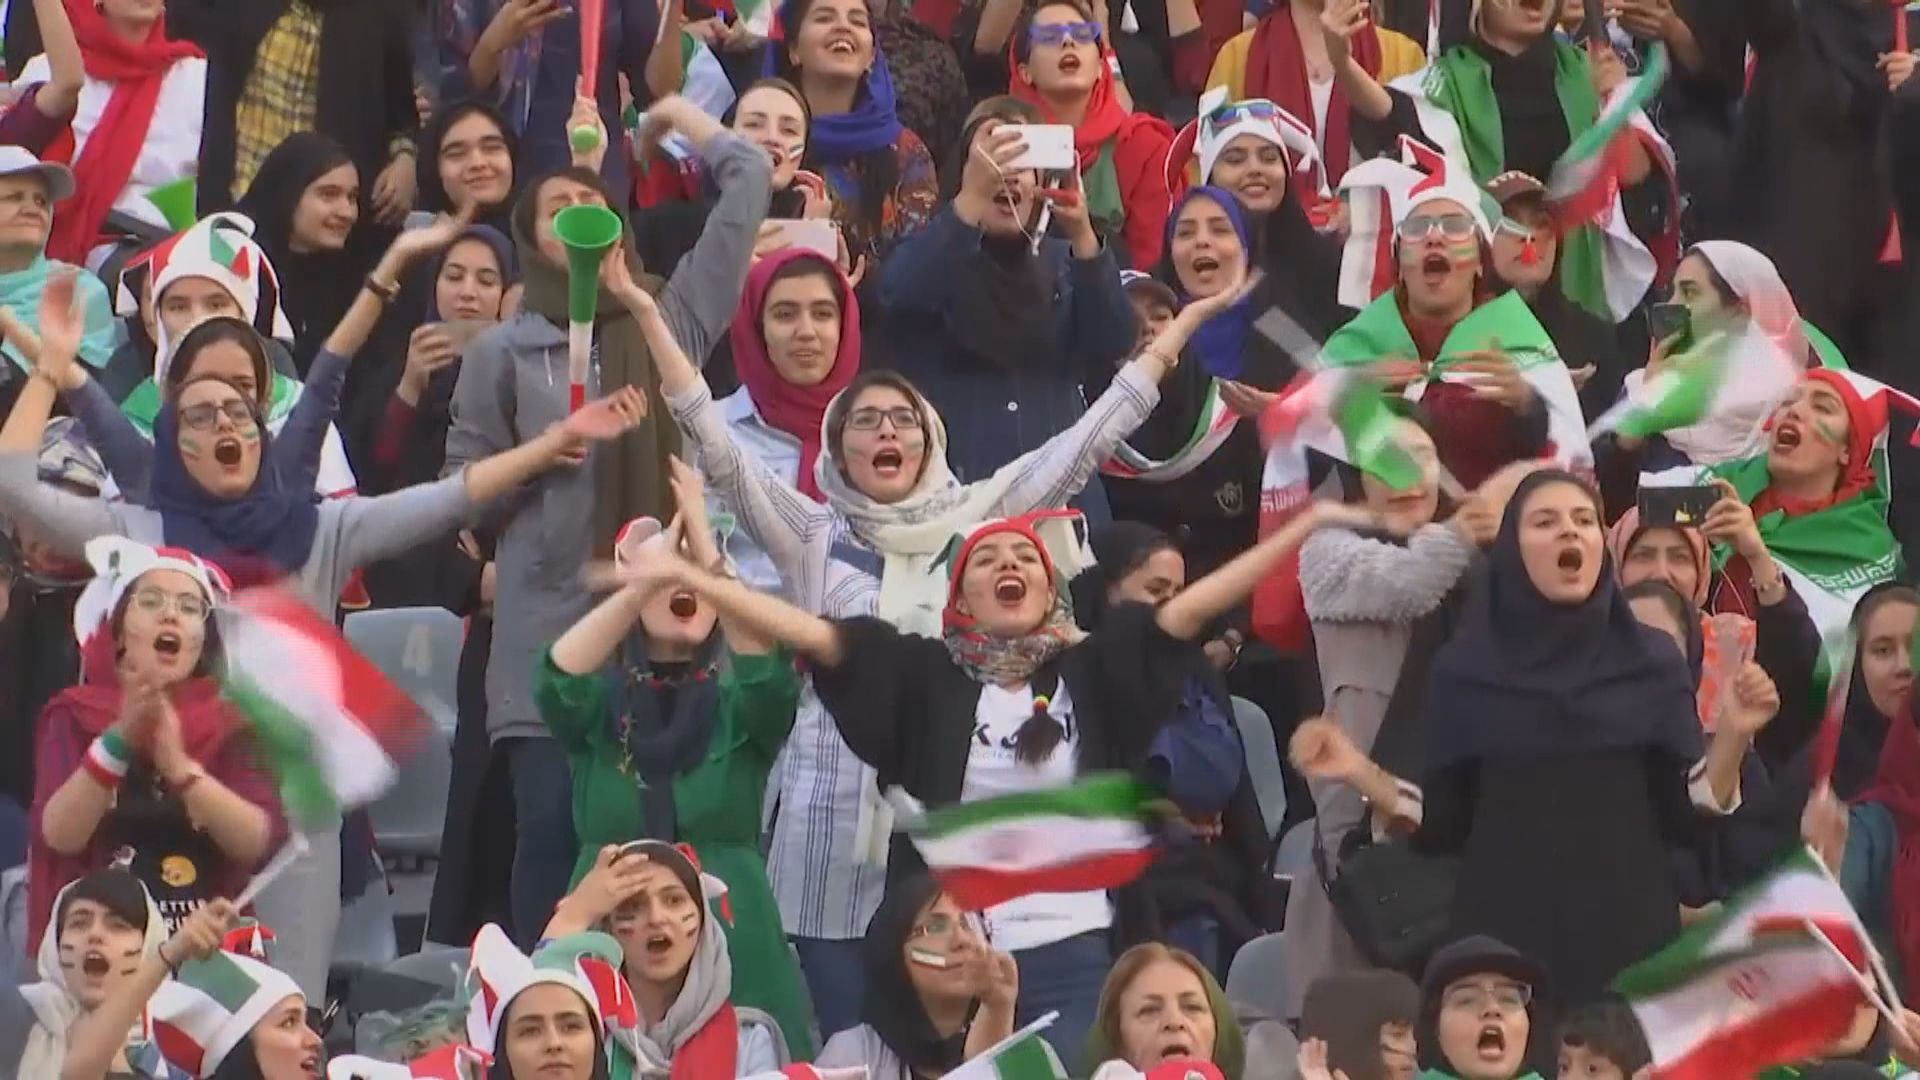 伊朗女性獲准入場看國家隊踢世界盃外圍賽